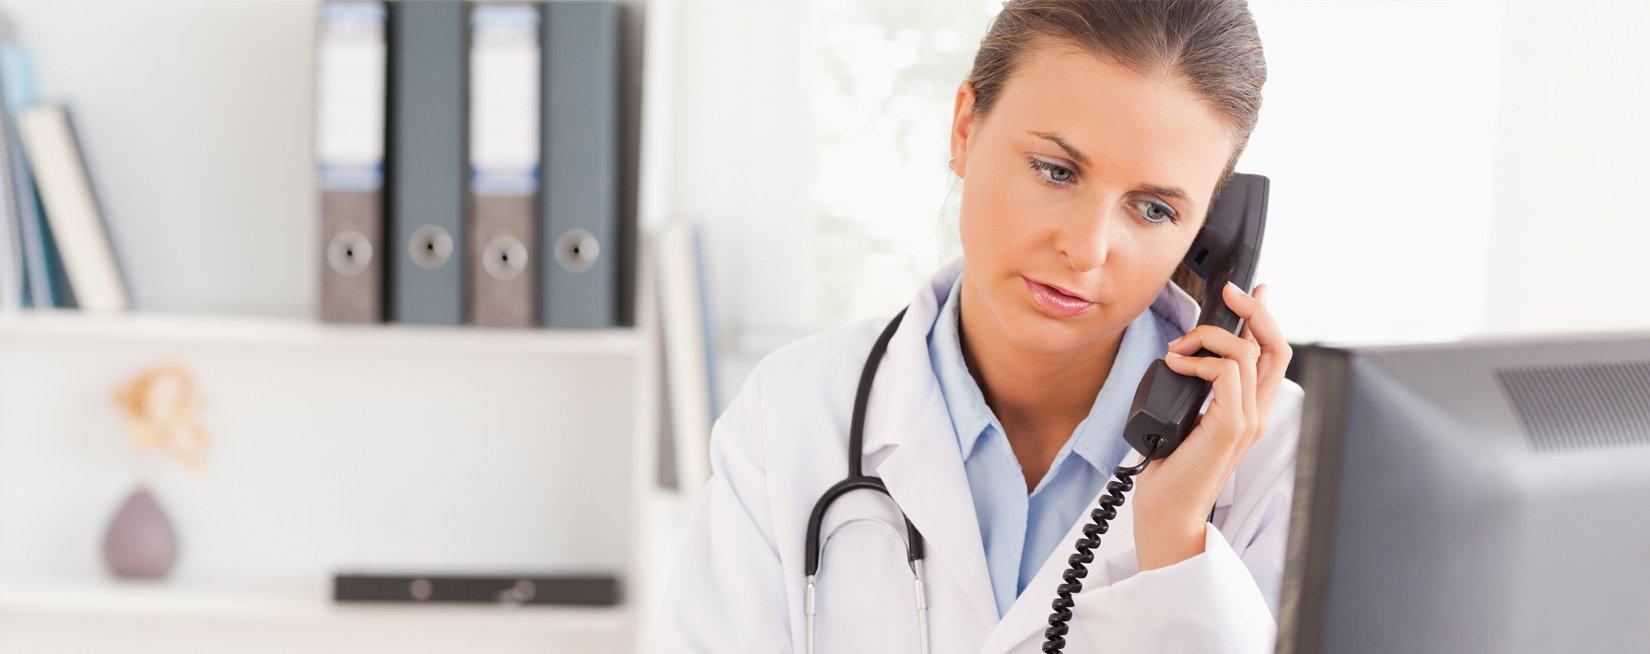 Записаться к психиатру в Ставропольской психбольнице можно по телефону и онлайн